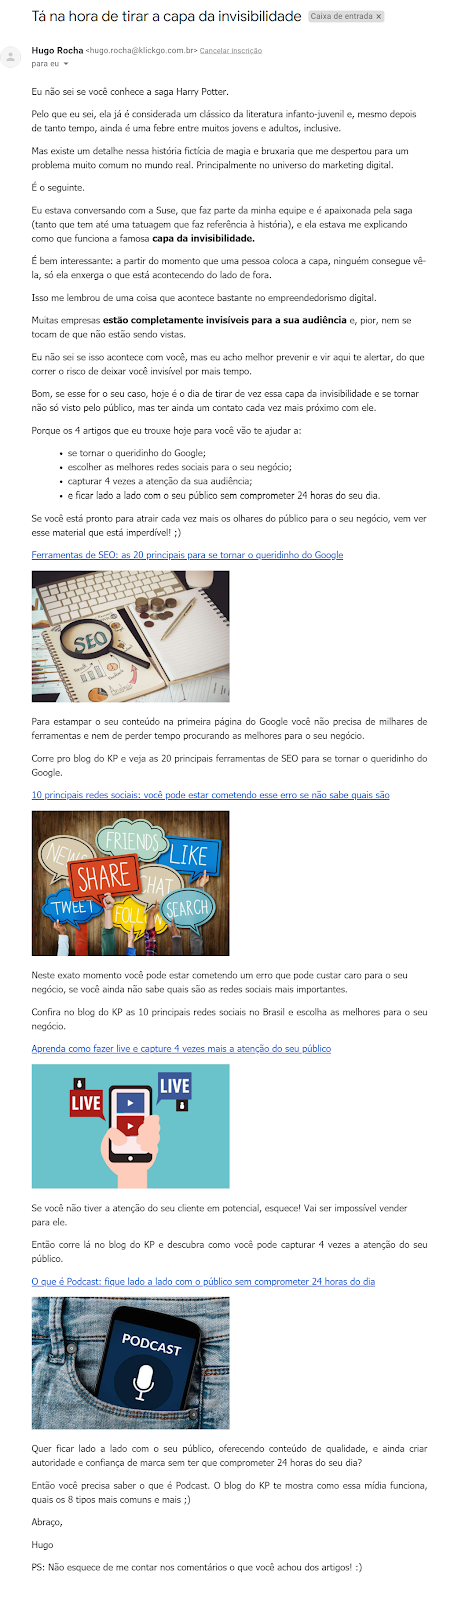 Exemplo de email bem escrito